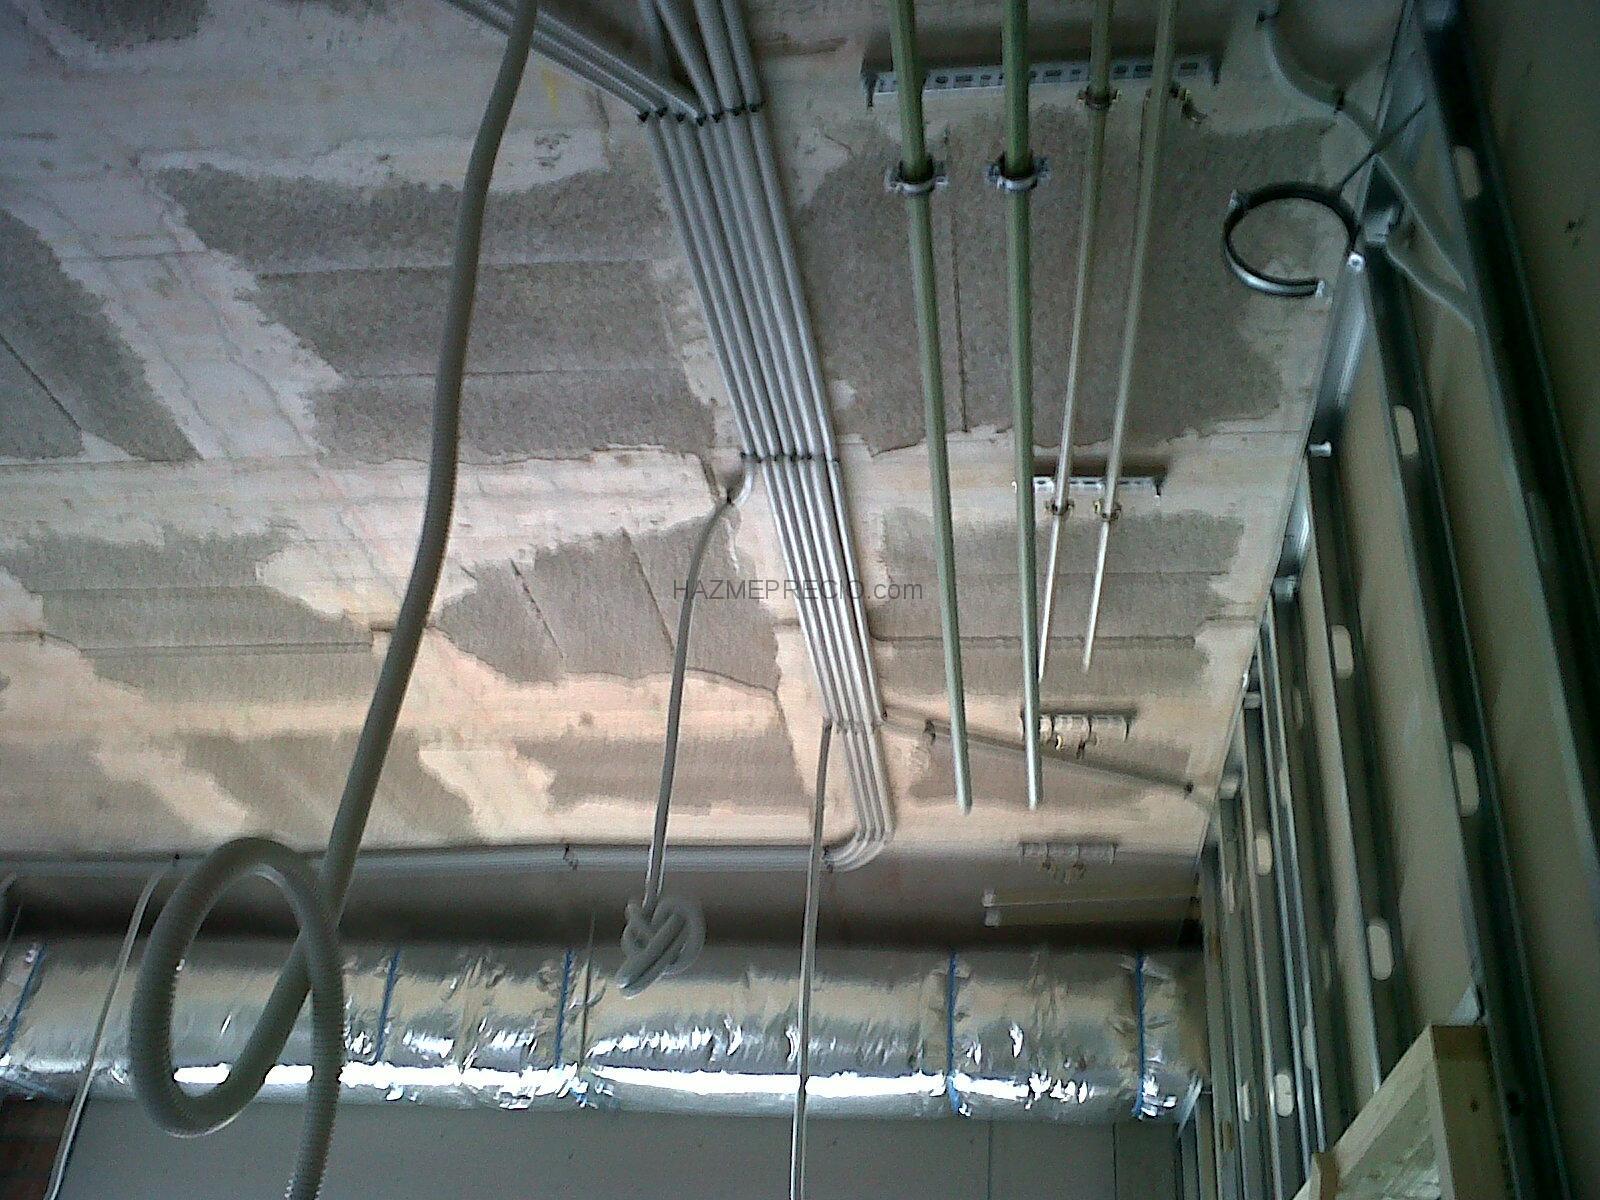 Instalaciones el ctricas residenciales tipo de - Instalacion electrica vista ...